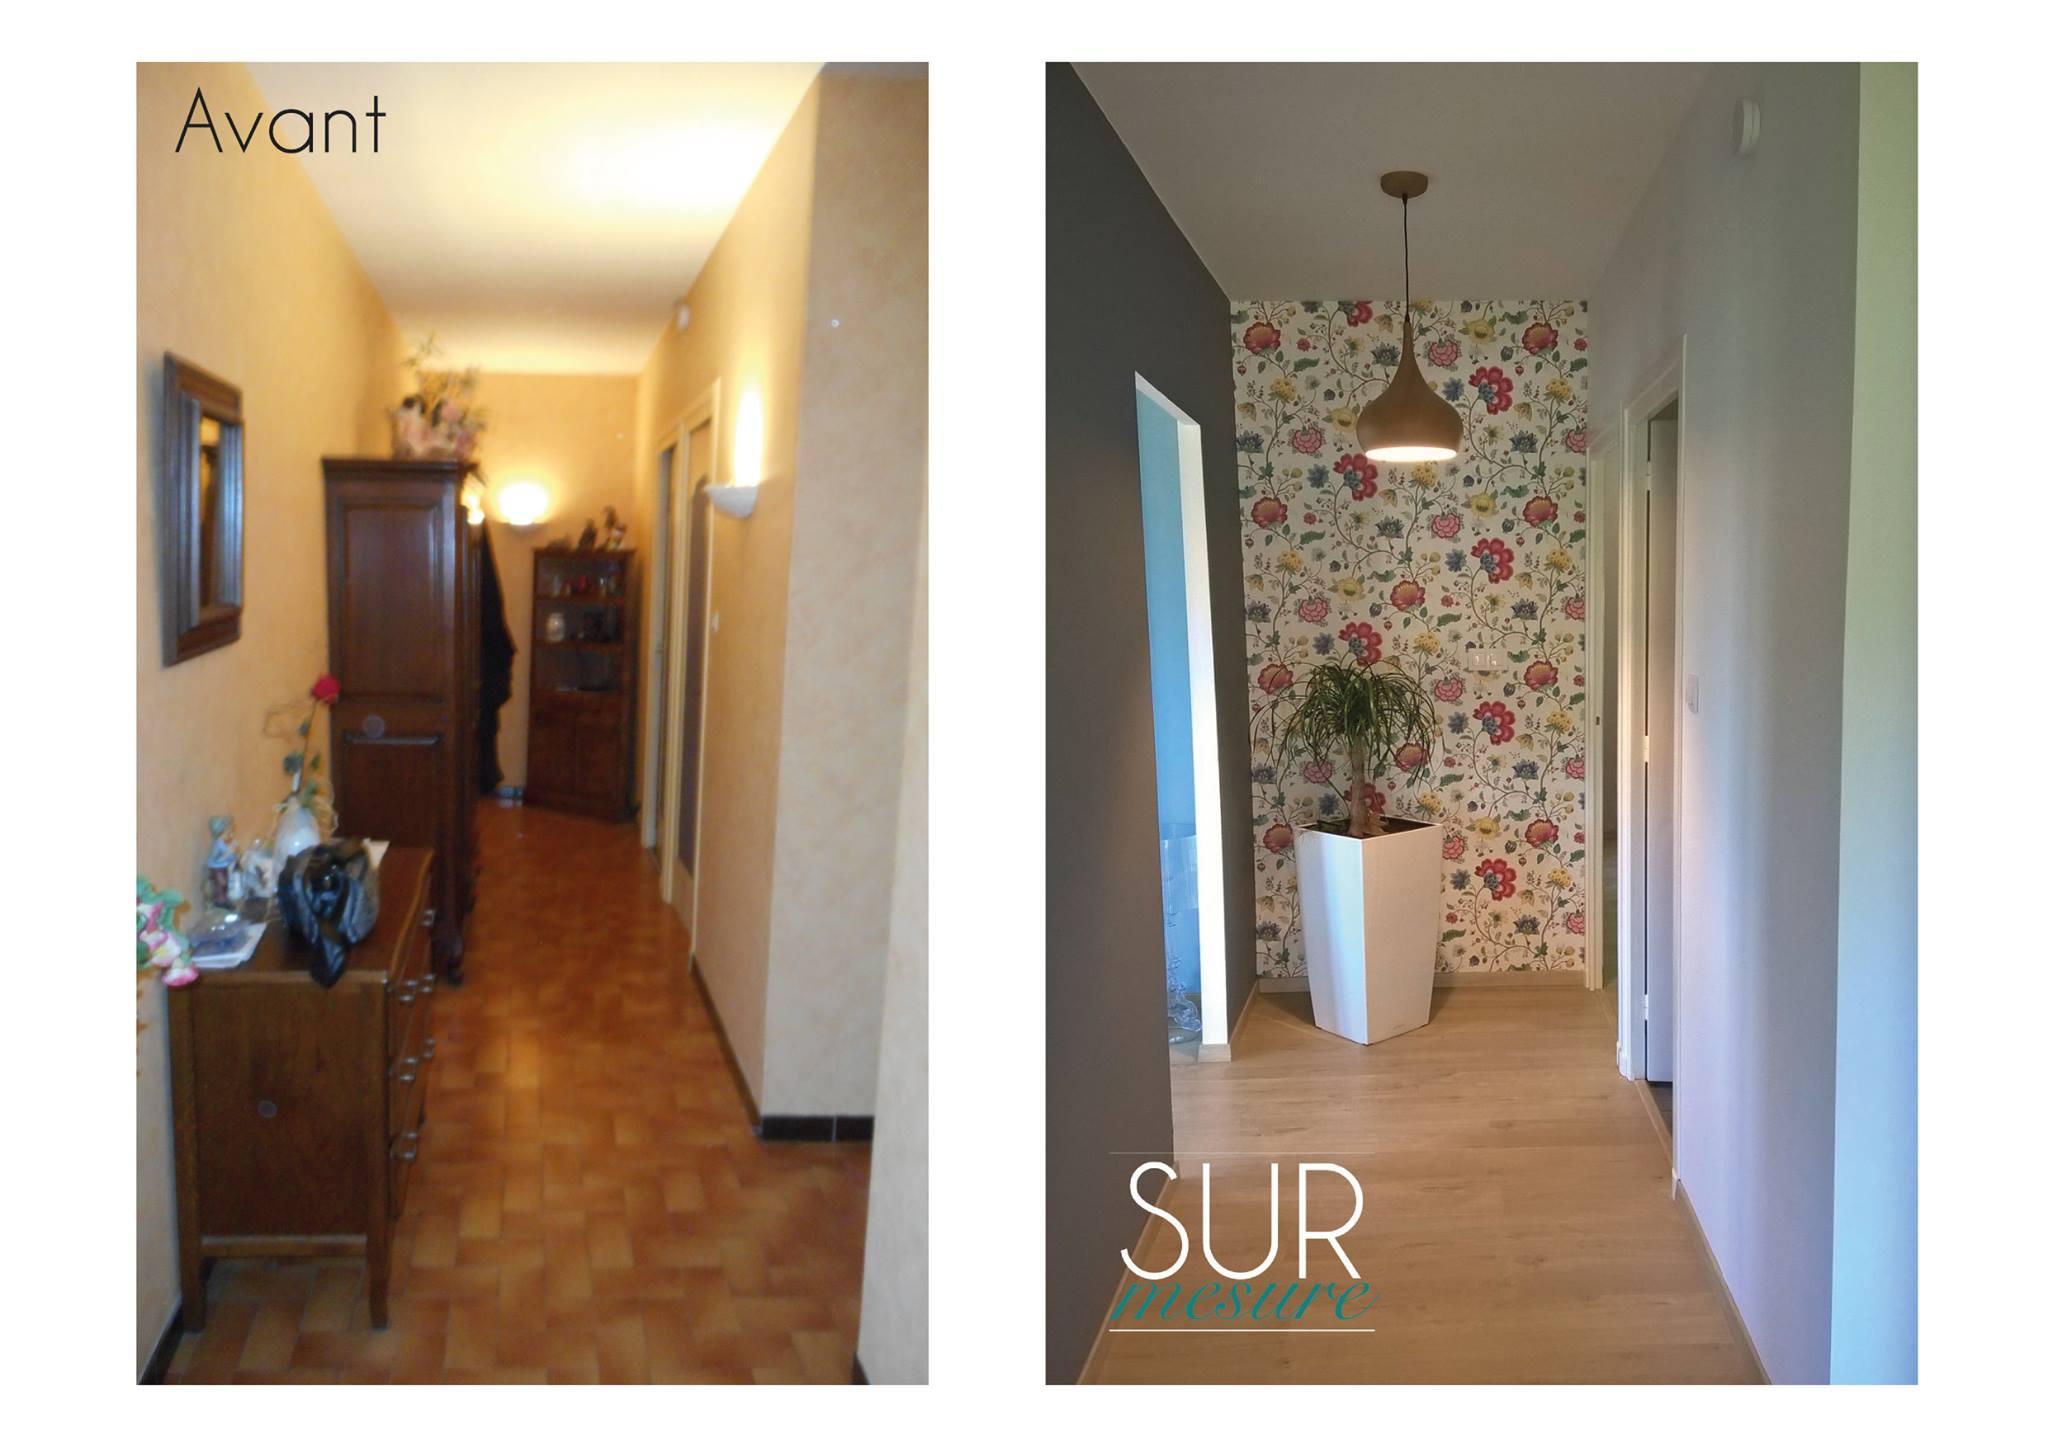 Le couloir avant/après